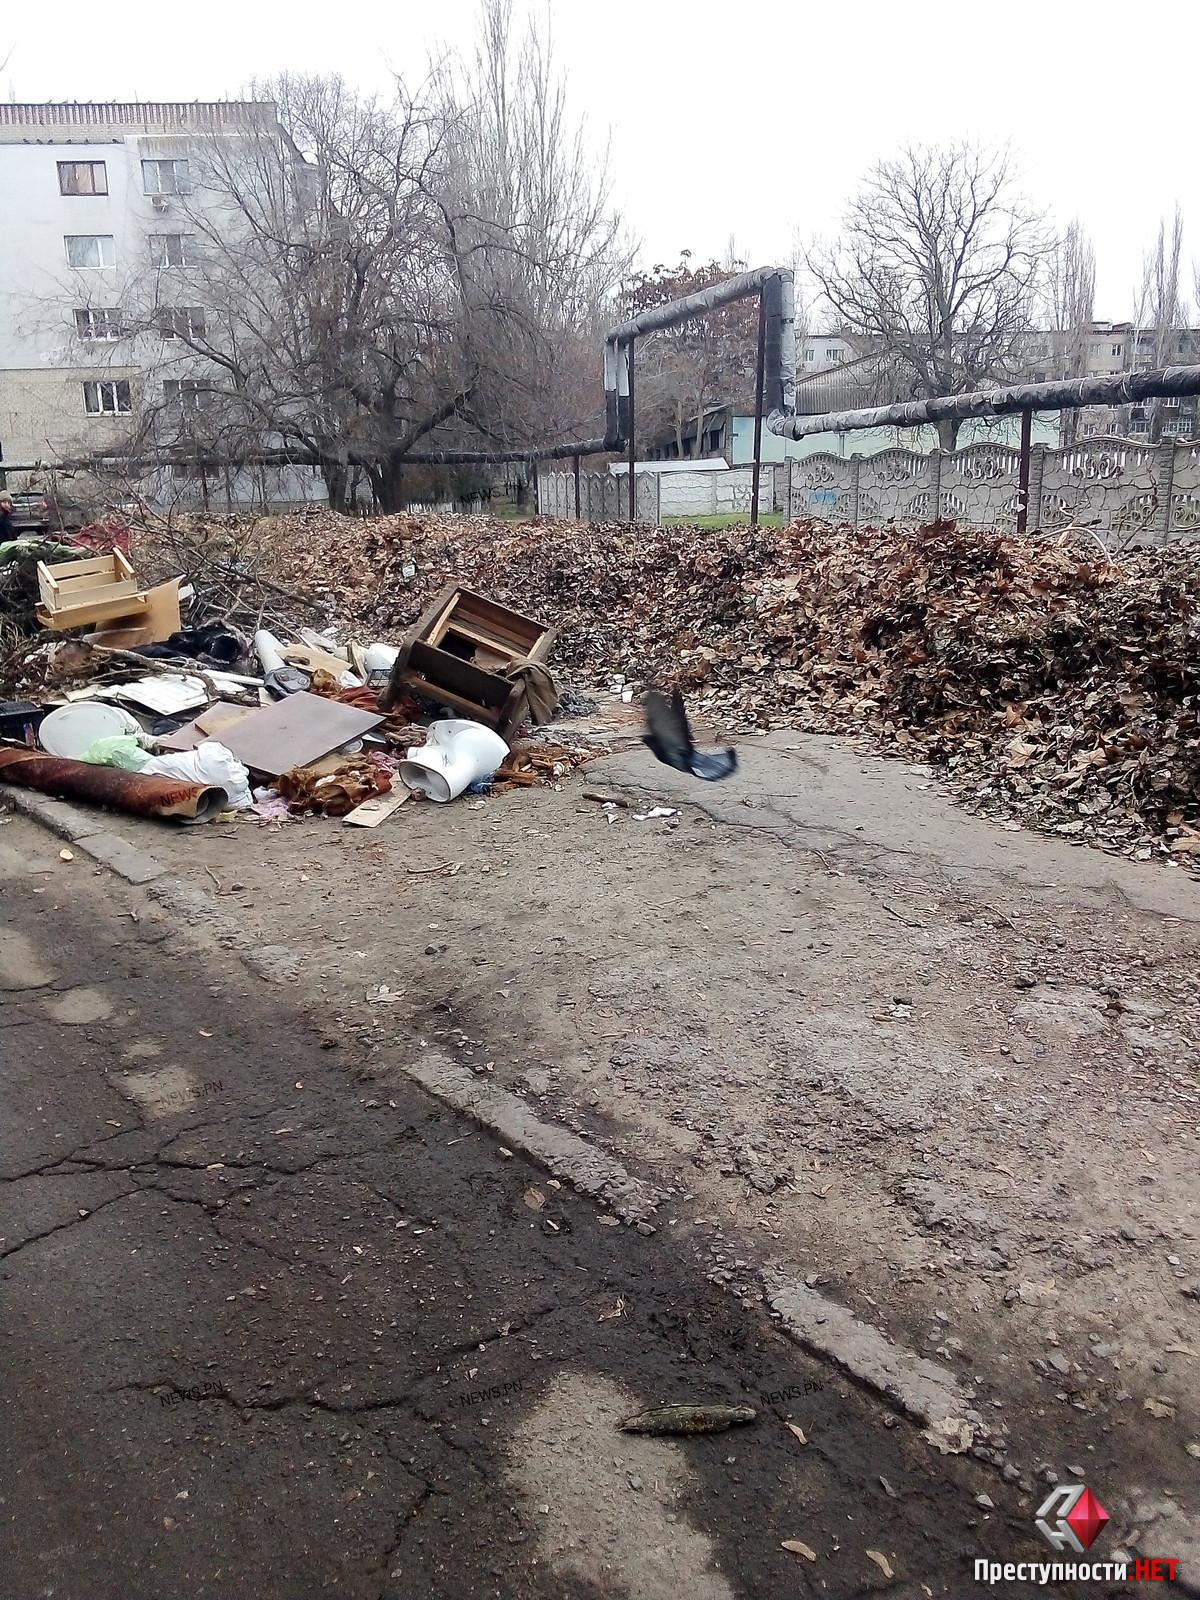 Николаевец пожаловался на свалку из листьев и мусора между домами в Лесках